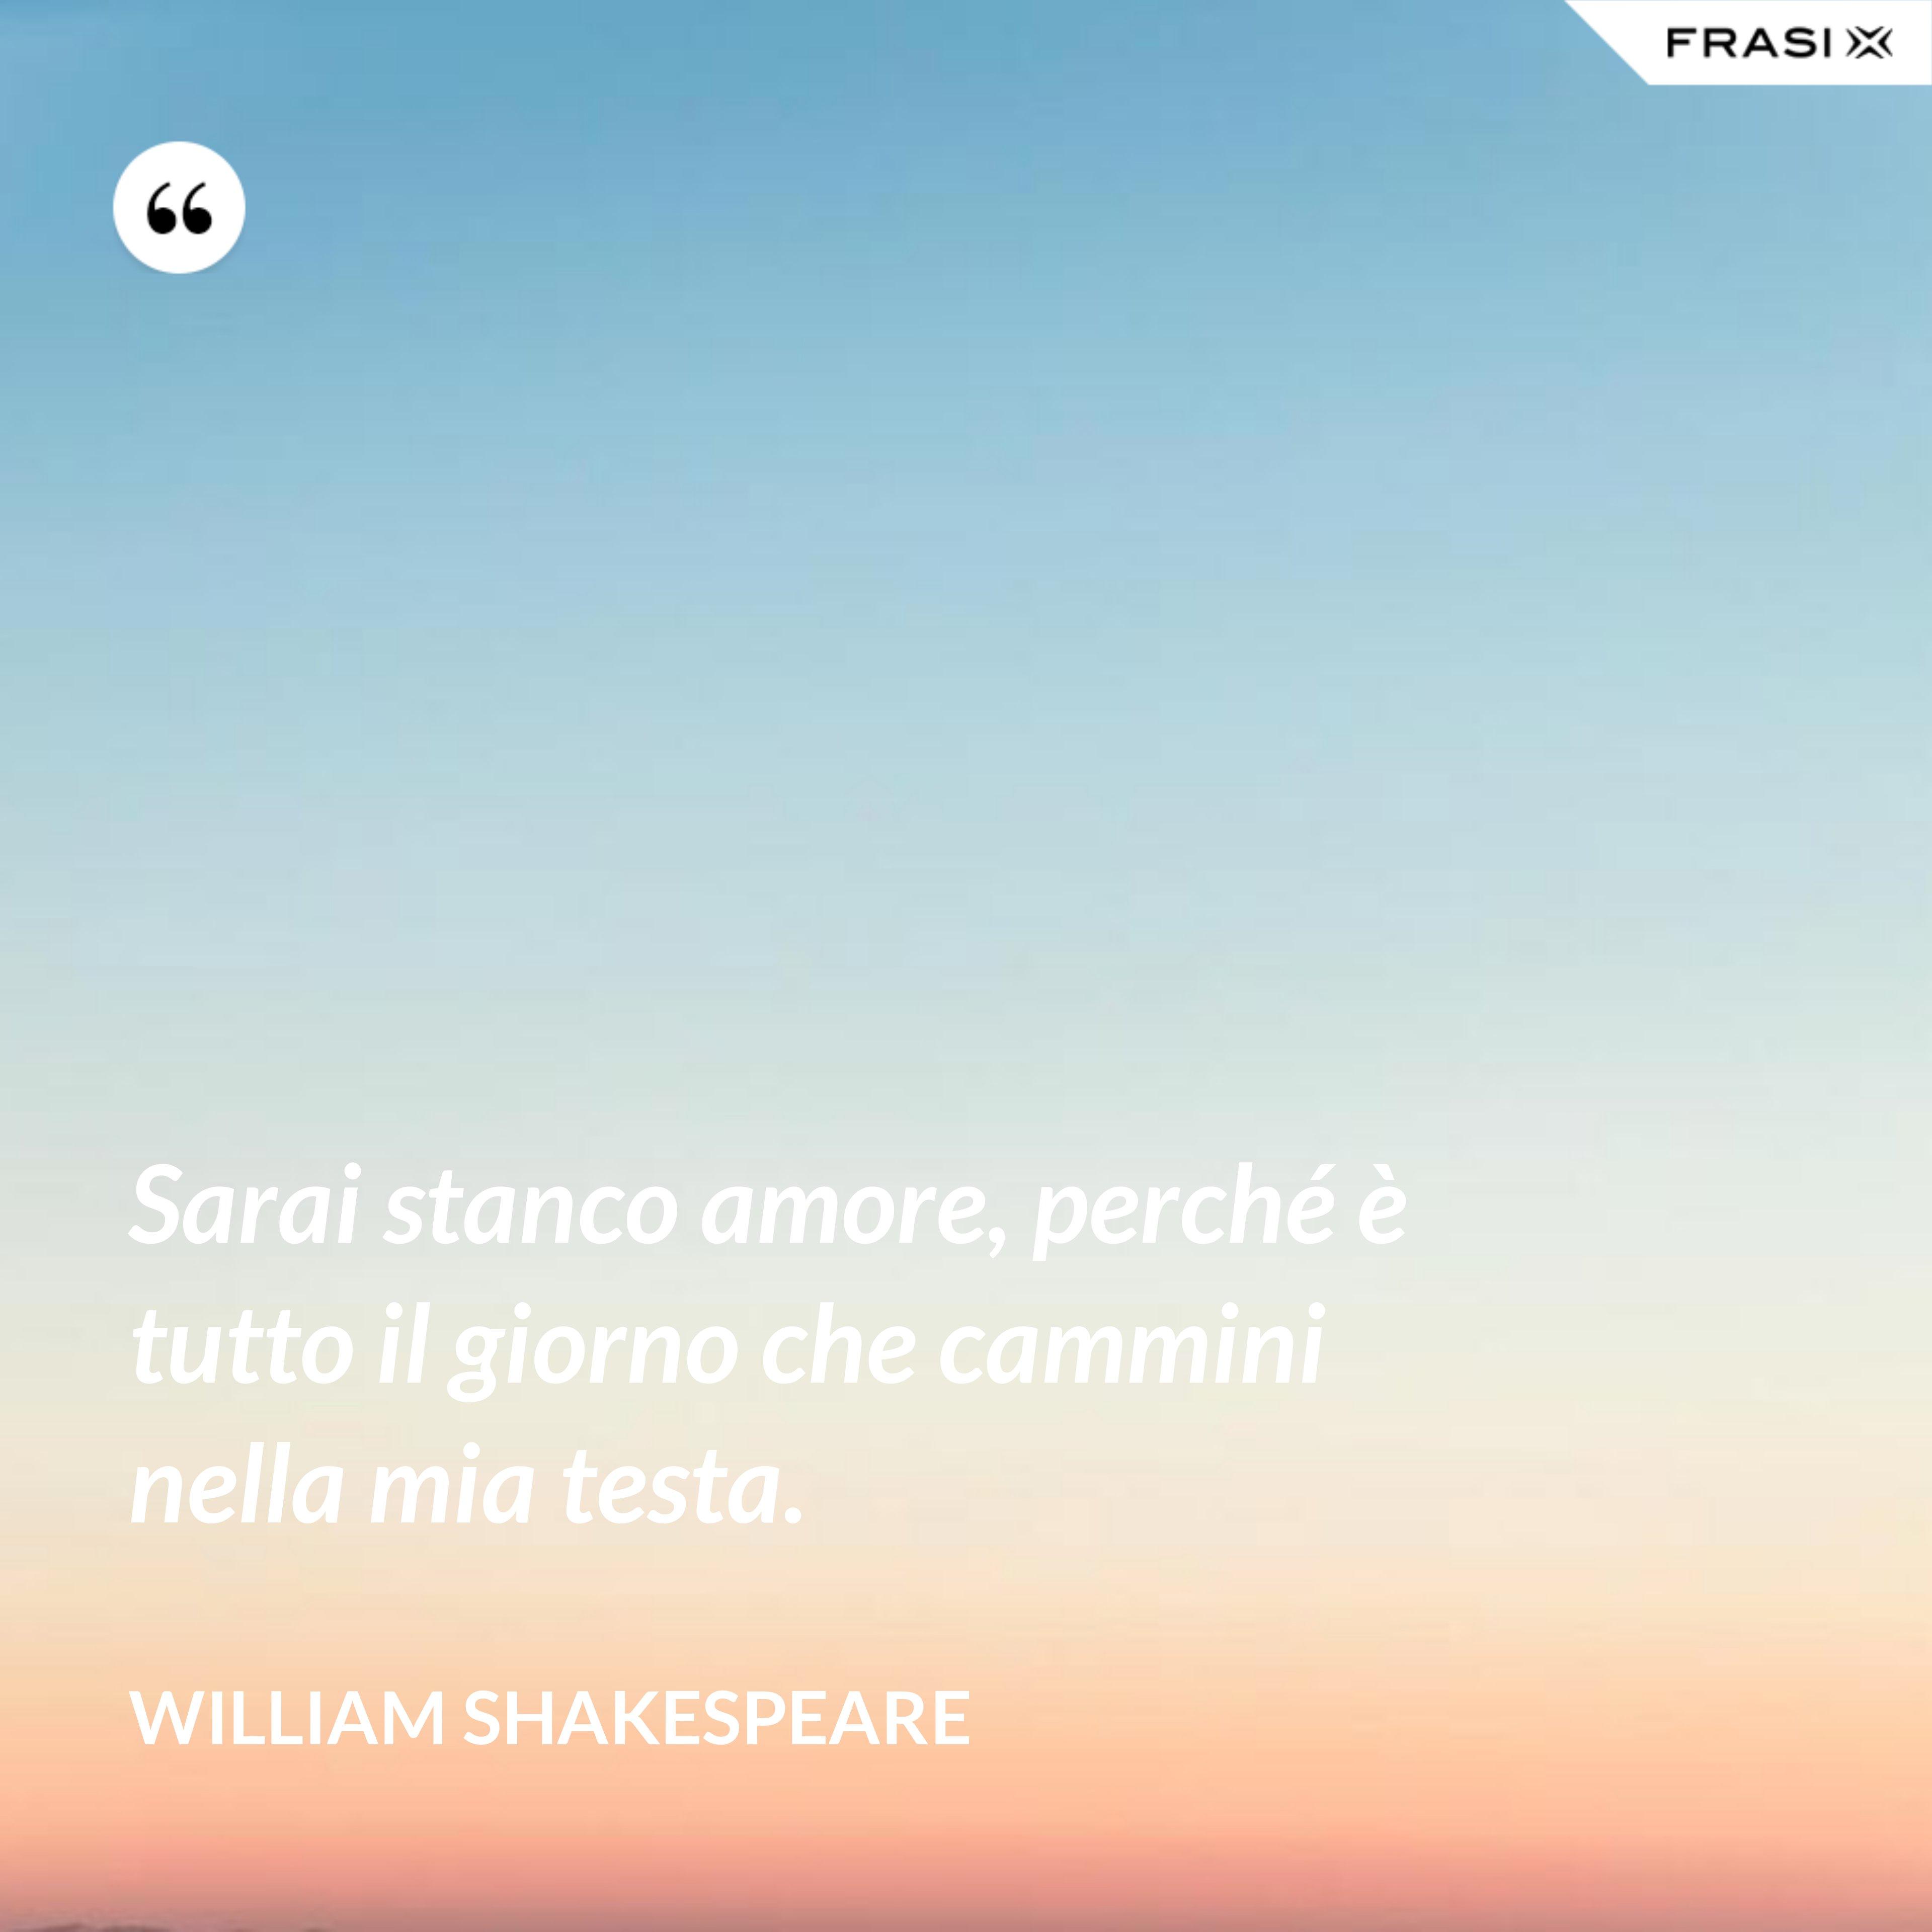 Sarai stanco amore, perché è tutto il giorno che cammini nella mia testa. - William Shakespeare